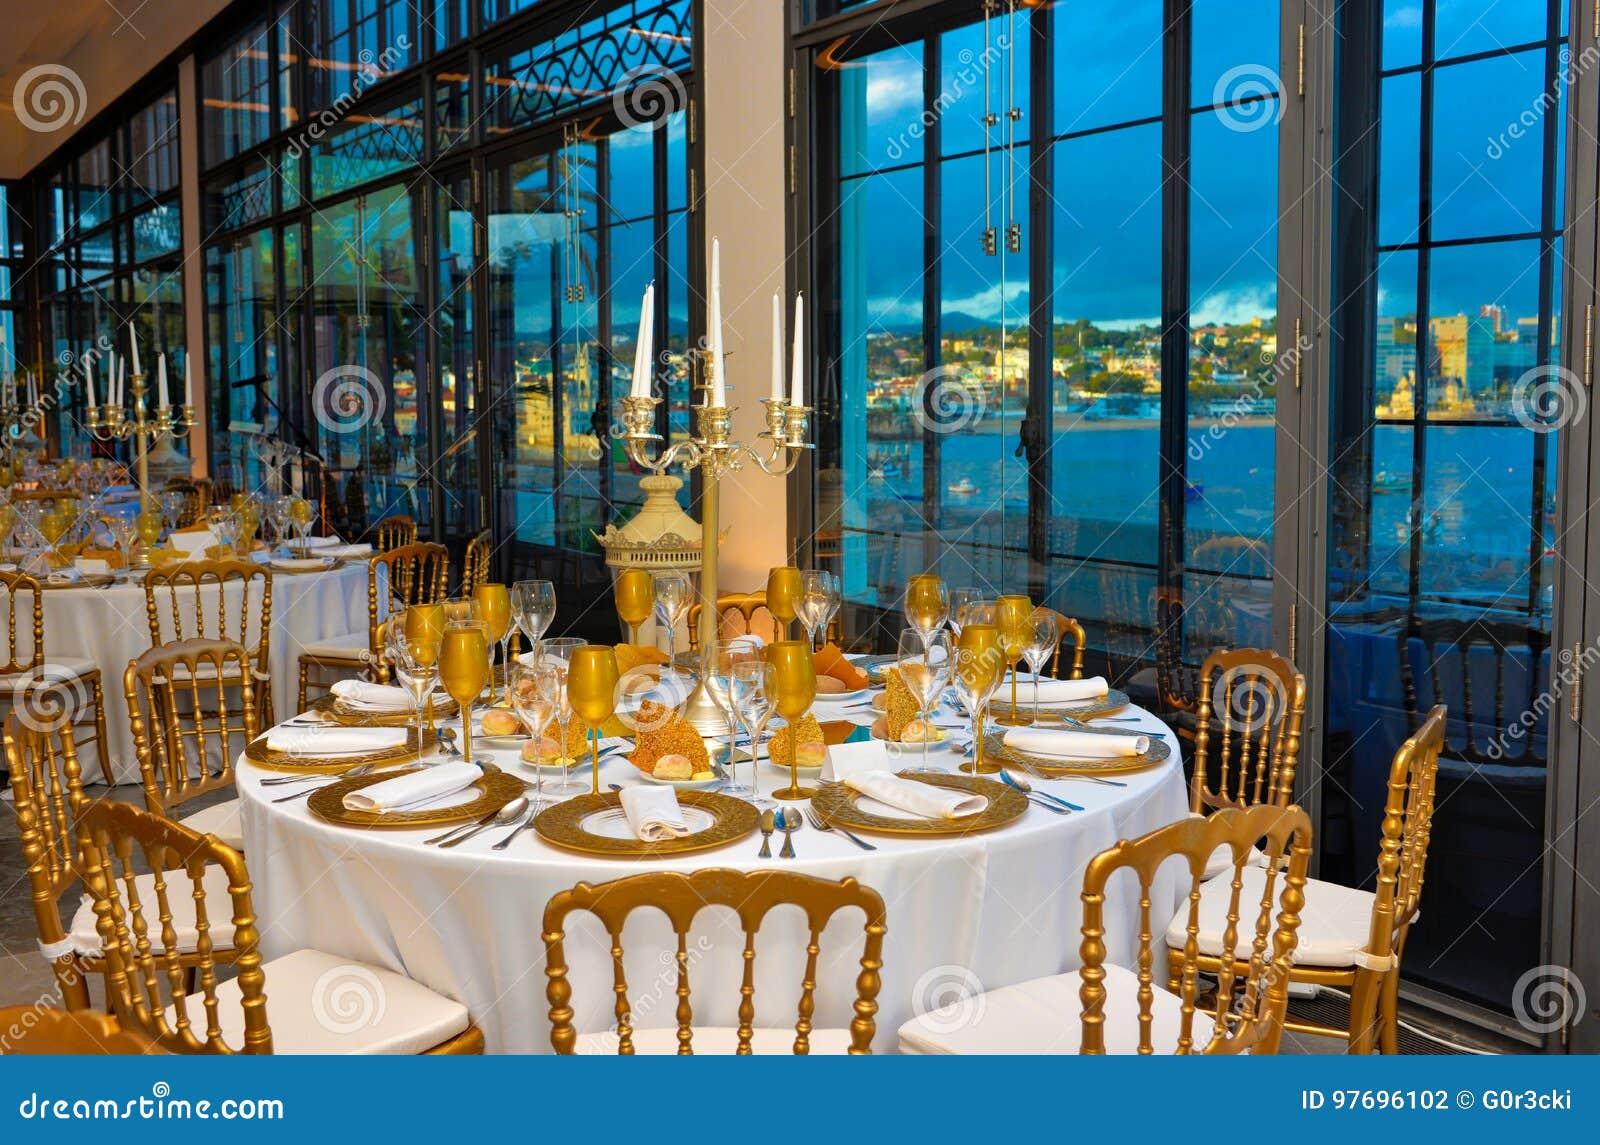 El Evento Corporativo Cena Con Marina Bay View Decoración